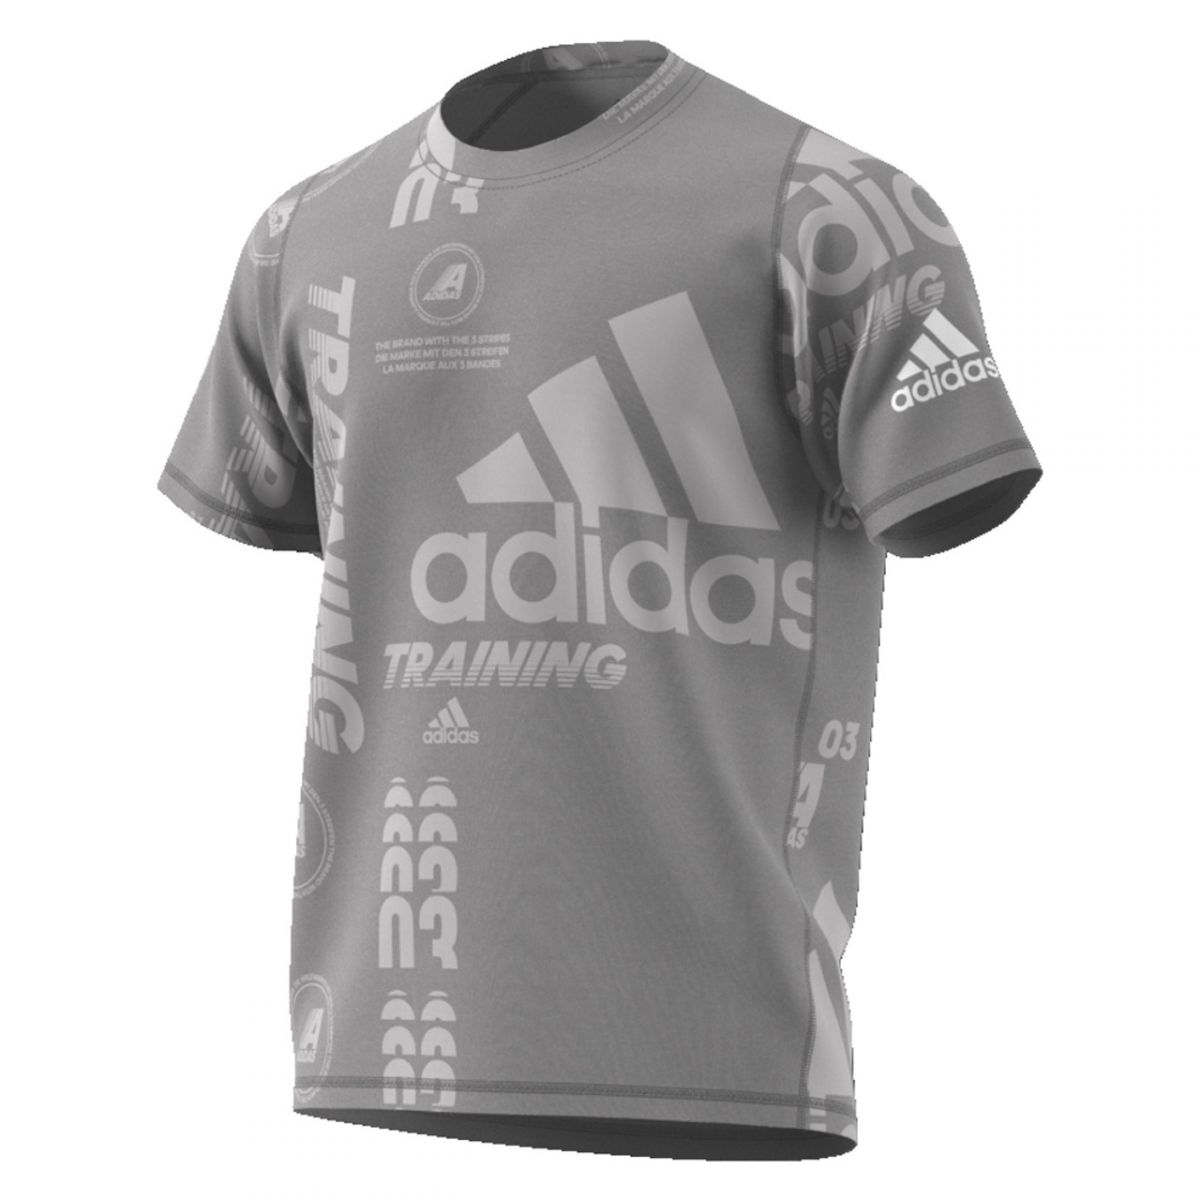 Adidas Wohlleben CoburgIntersport Kaufen In Schuhe FKTJcl1